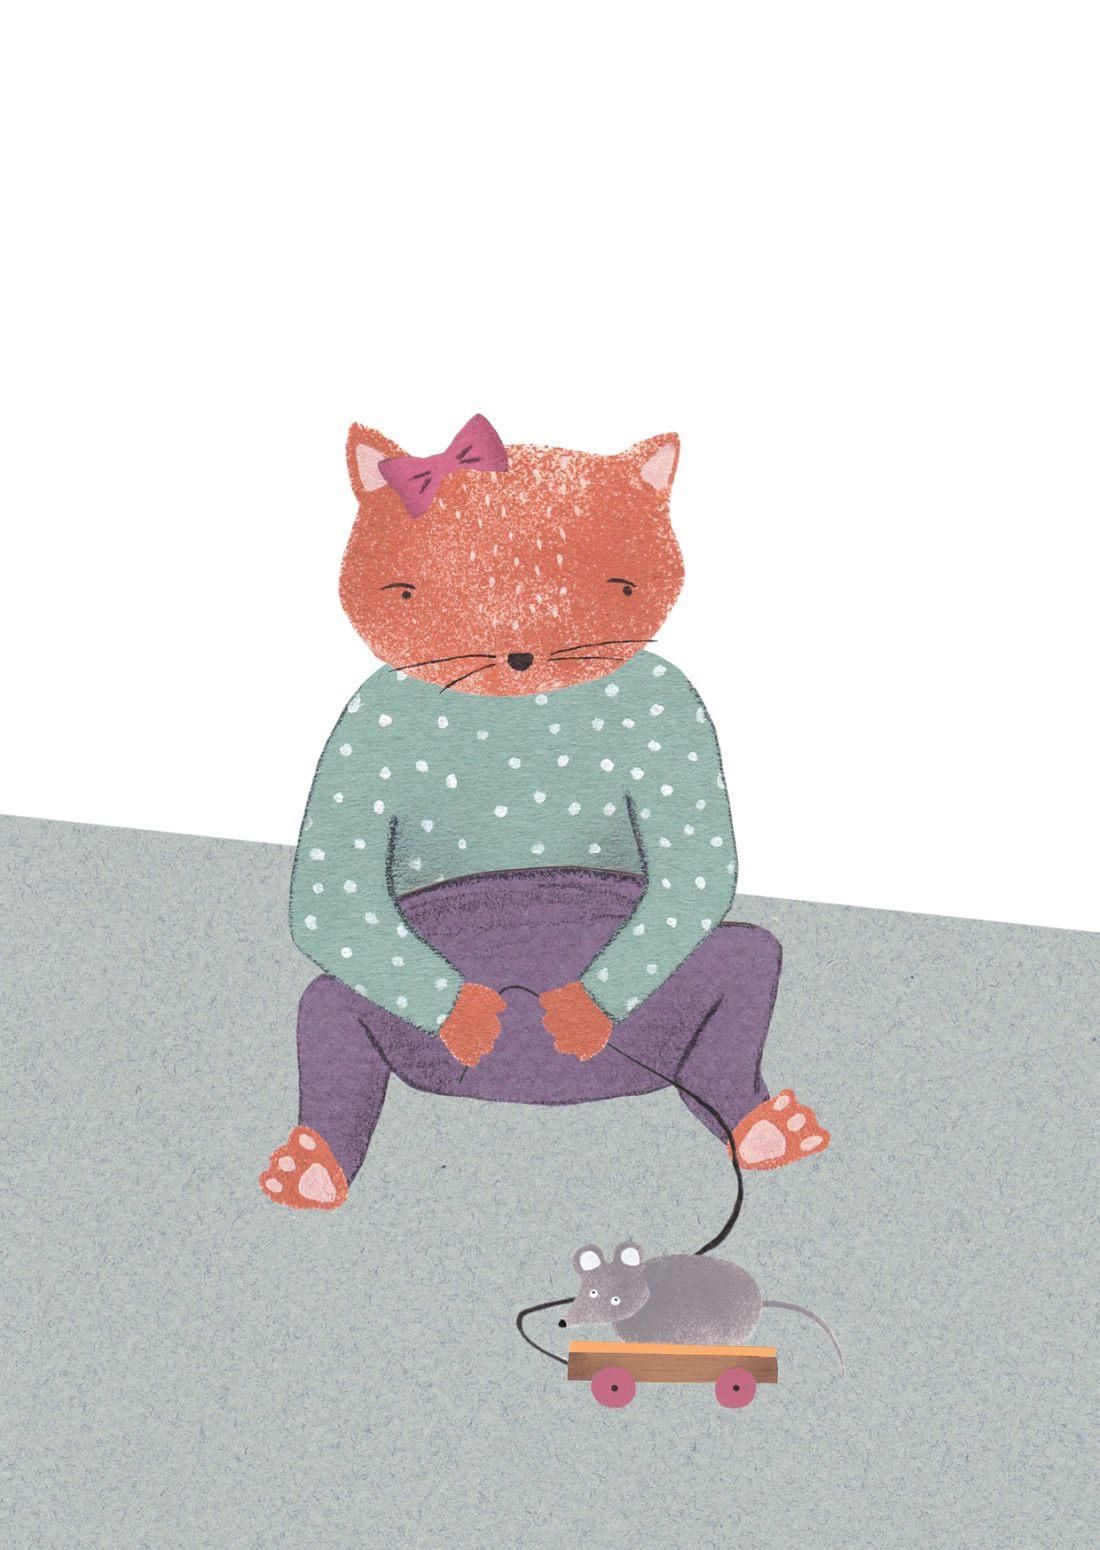 Spieltier-Katzenkind-Tigerkatze